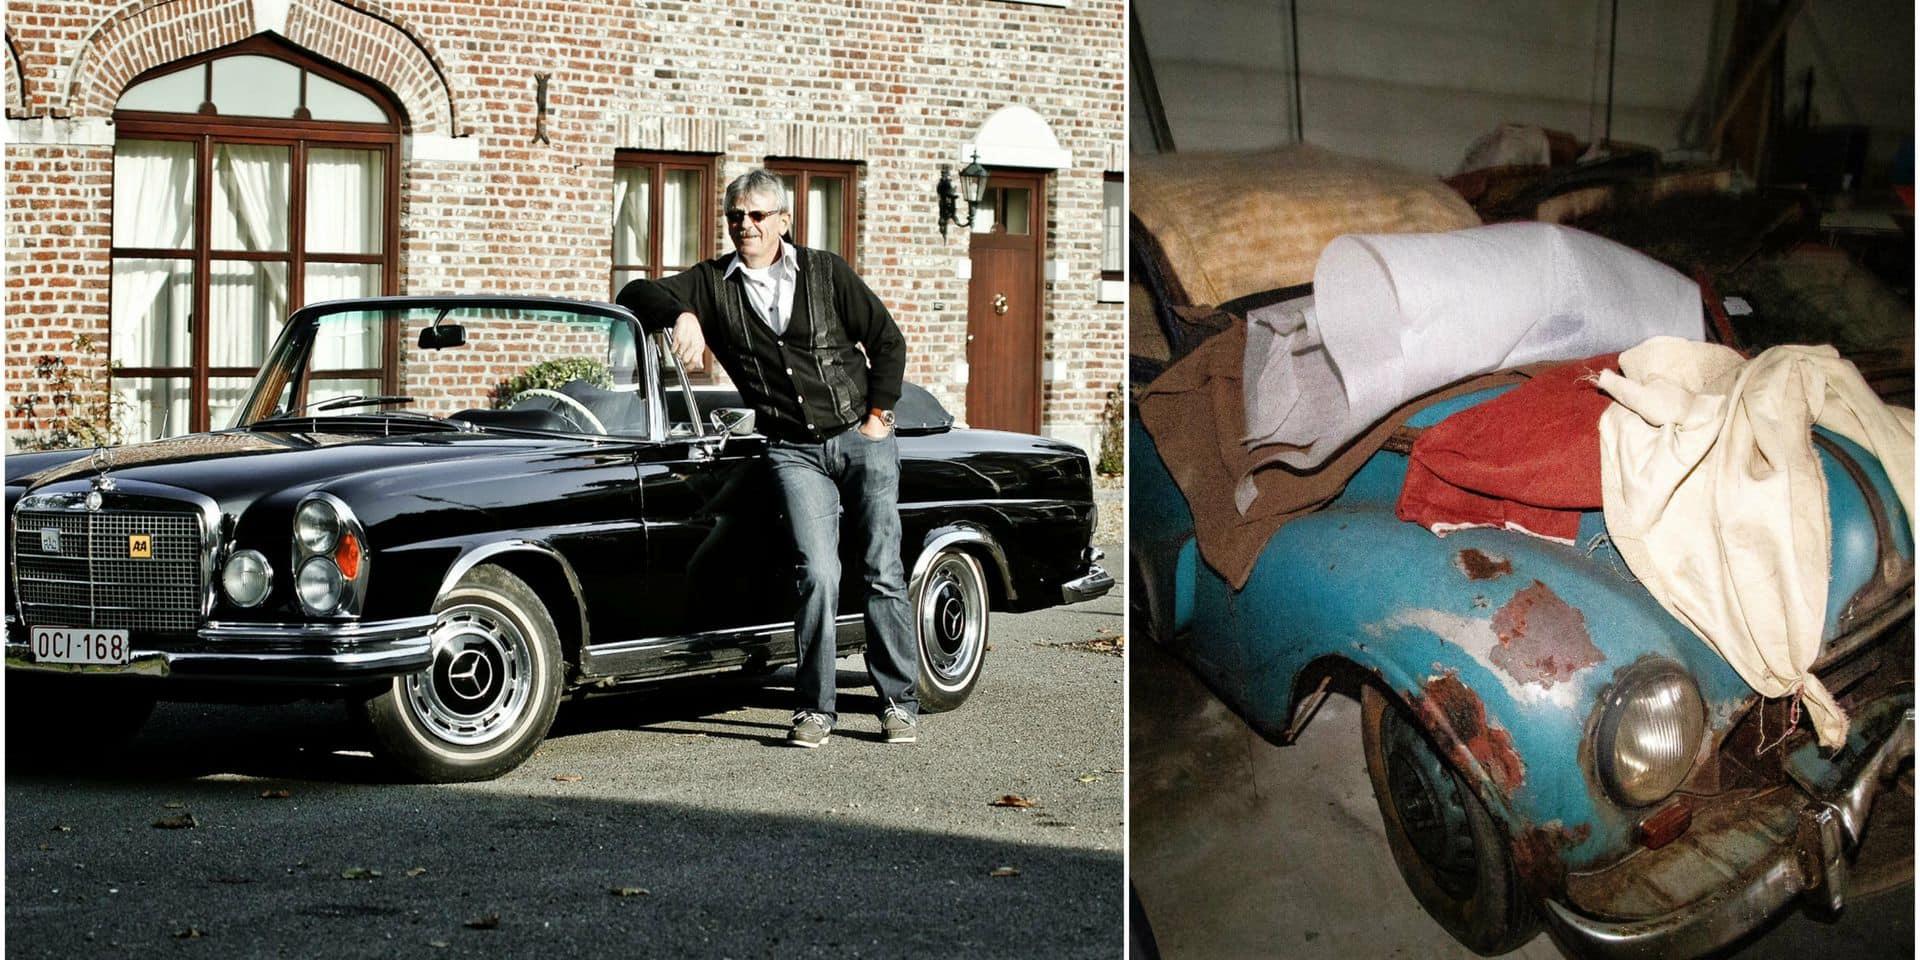 L'incroyable histoire d'un garagiste belge : il vend la BMW 1938 d'Eva Braun, la maîtresse d'Adolf Hitler!